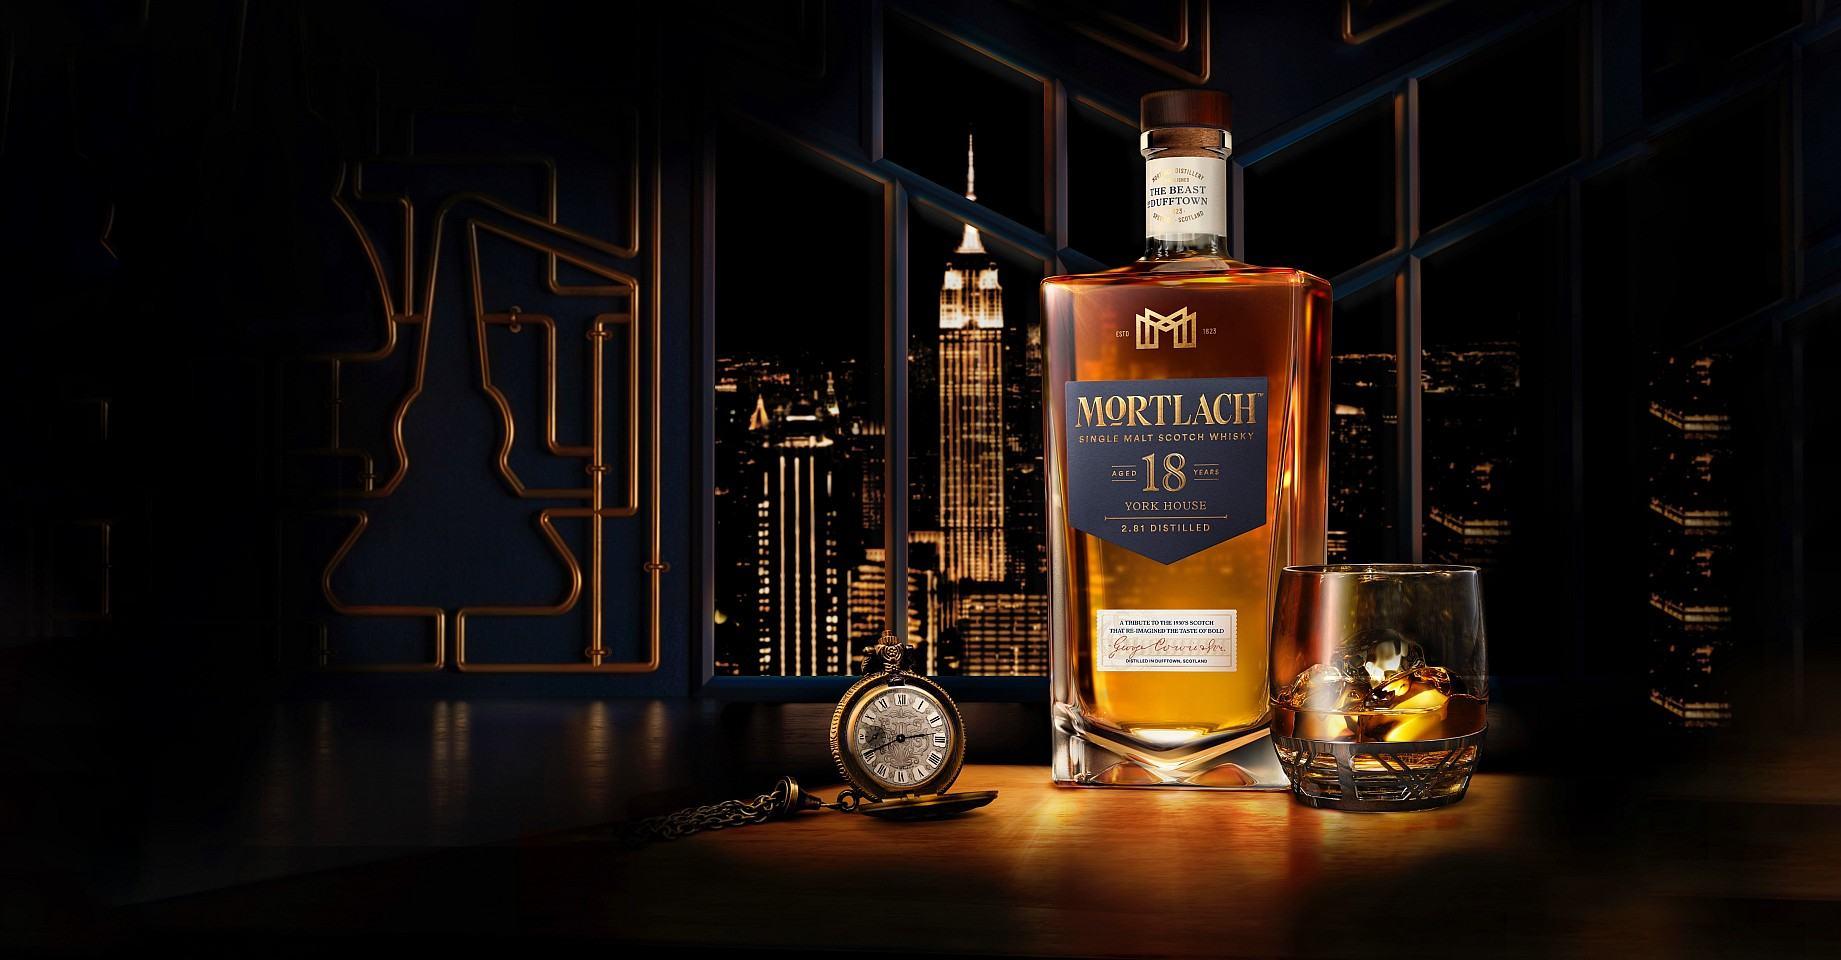 復刻「York House 酩家俱樂部」的醇厚馥郁與細緻甜美:慕赫2.81- 18年單一麥芽威士忌